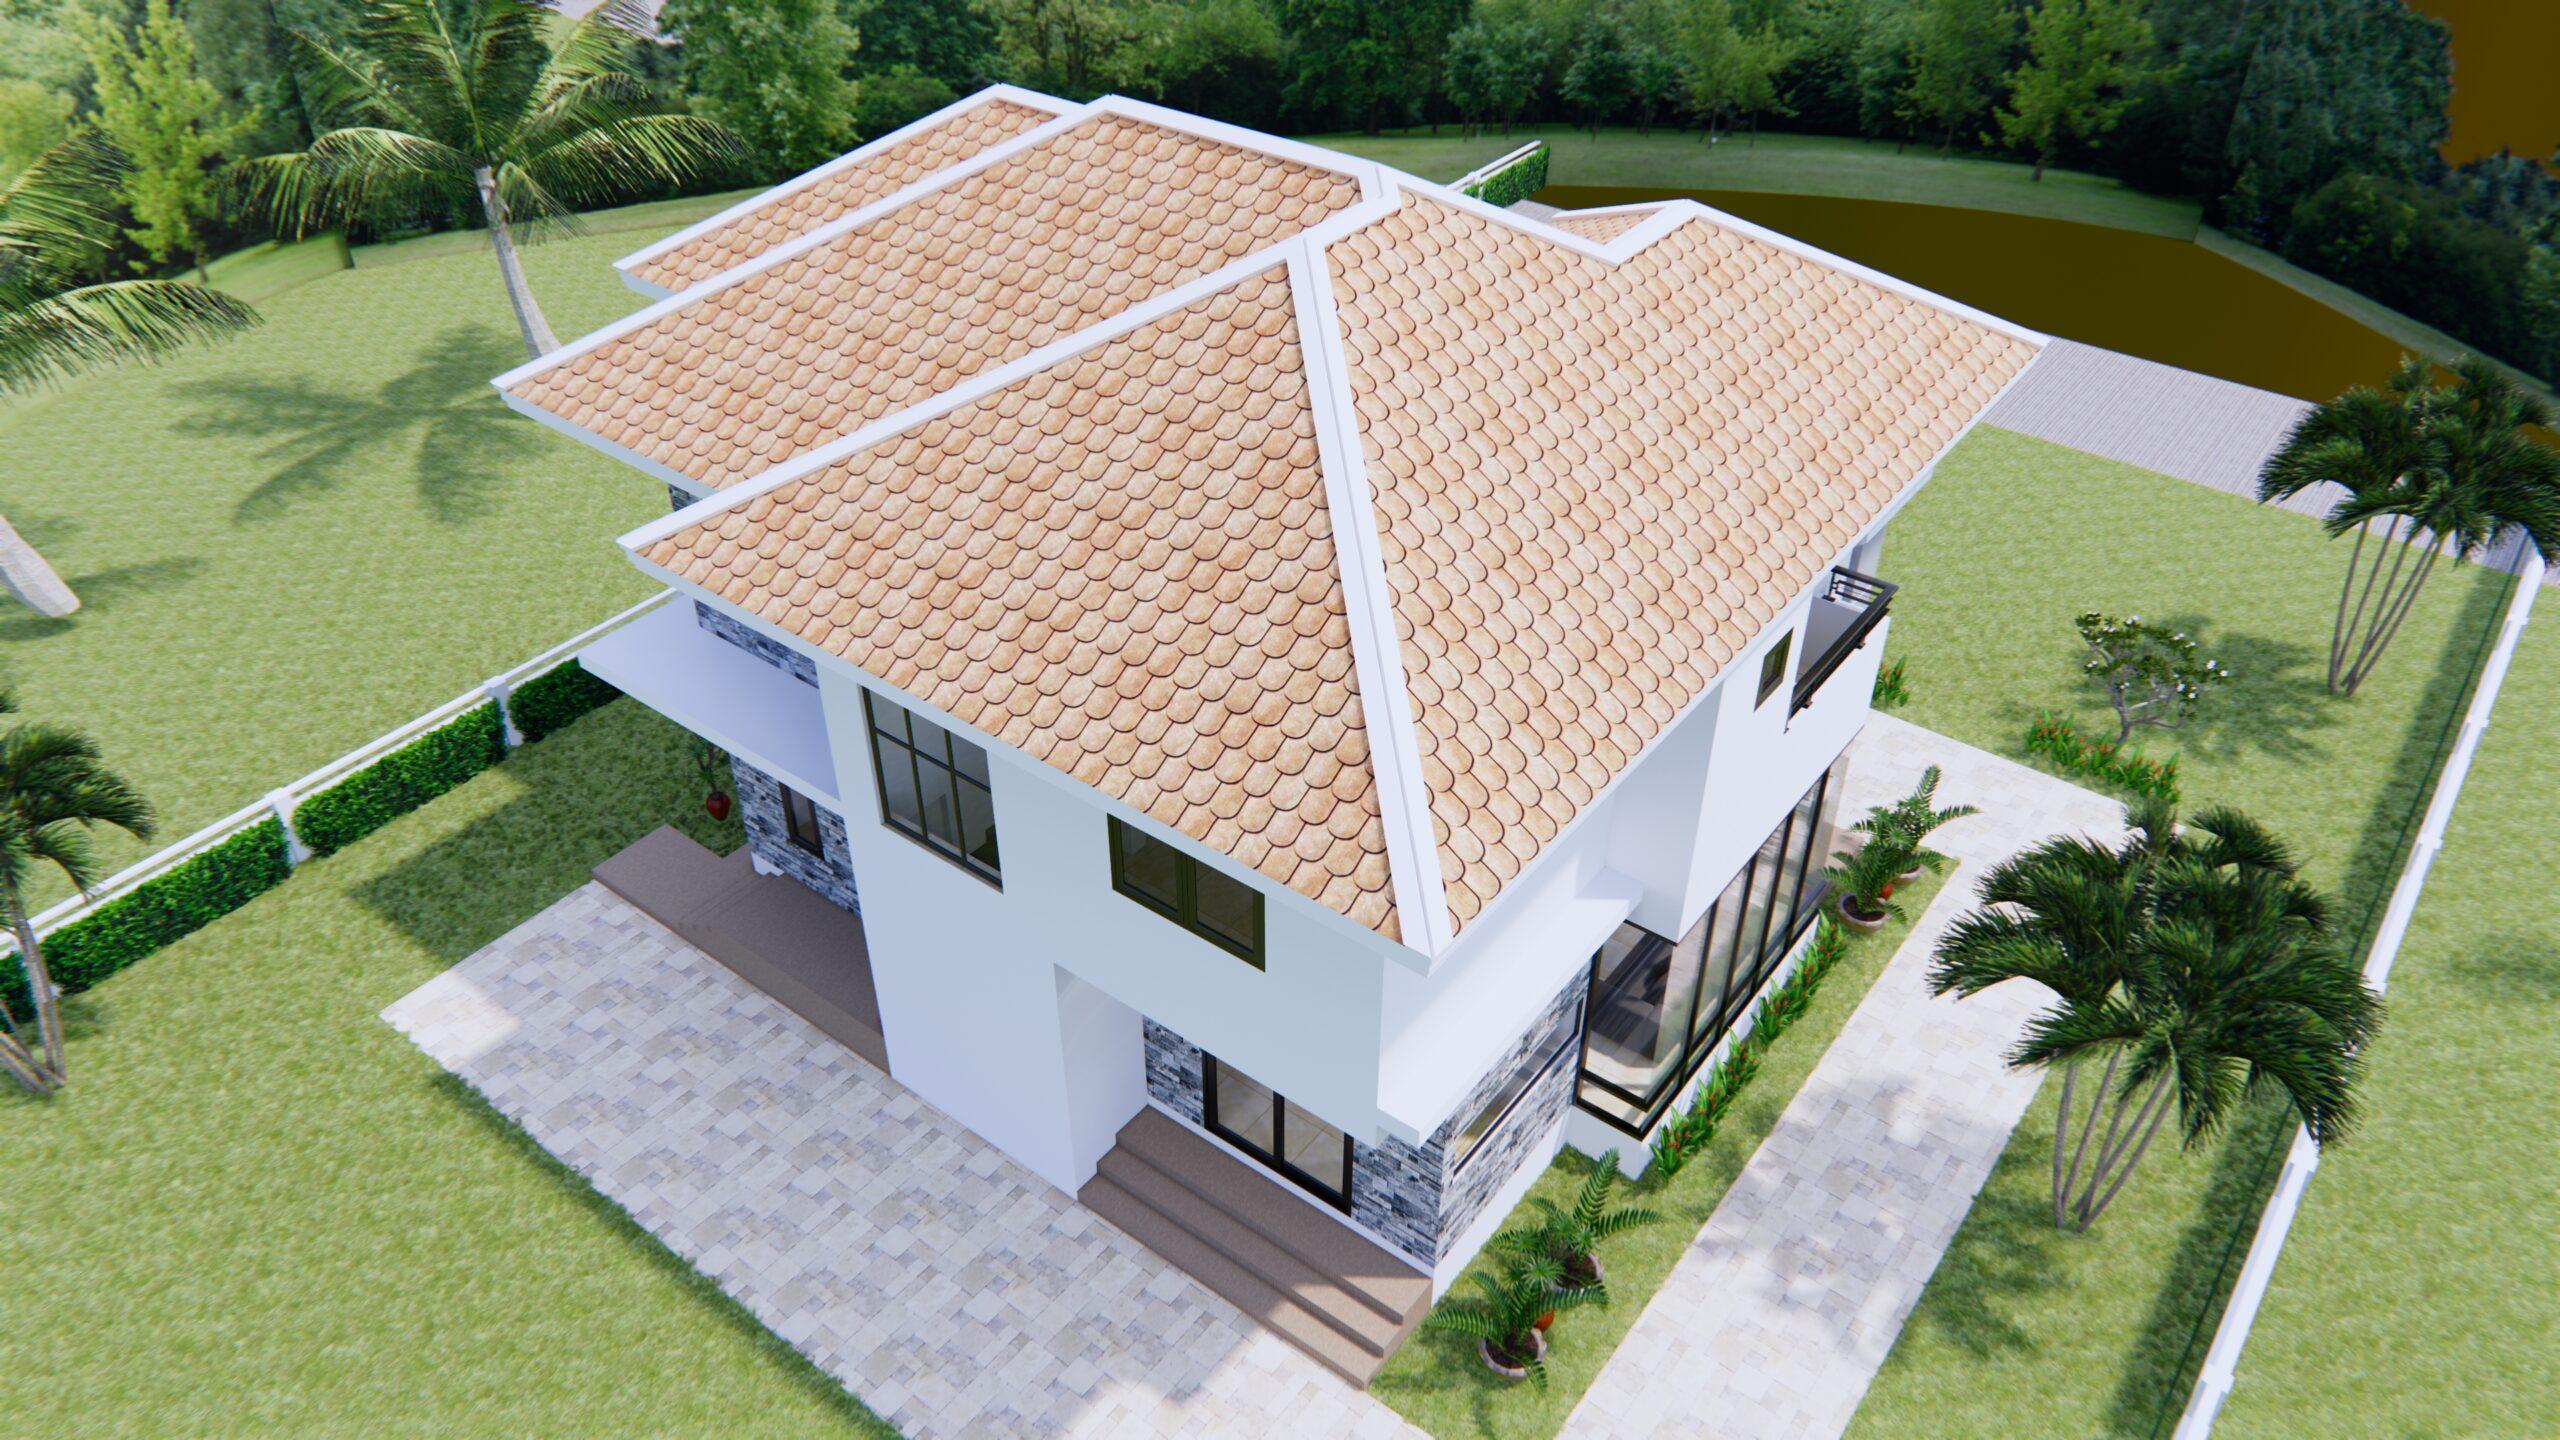 House Plans 11x8 Meter 36x26 Feet 3 Beds 5